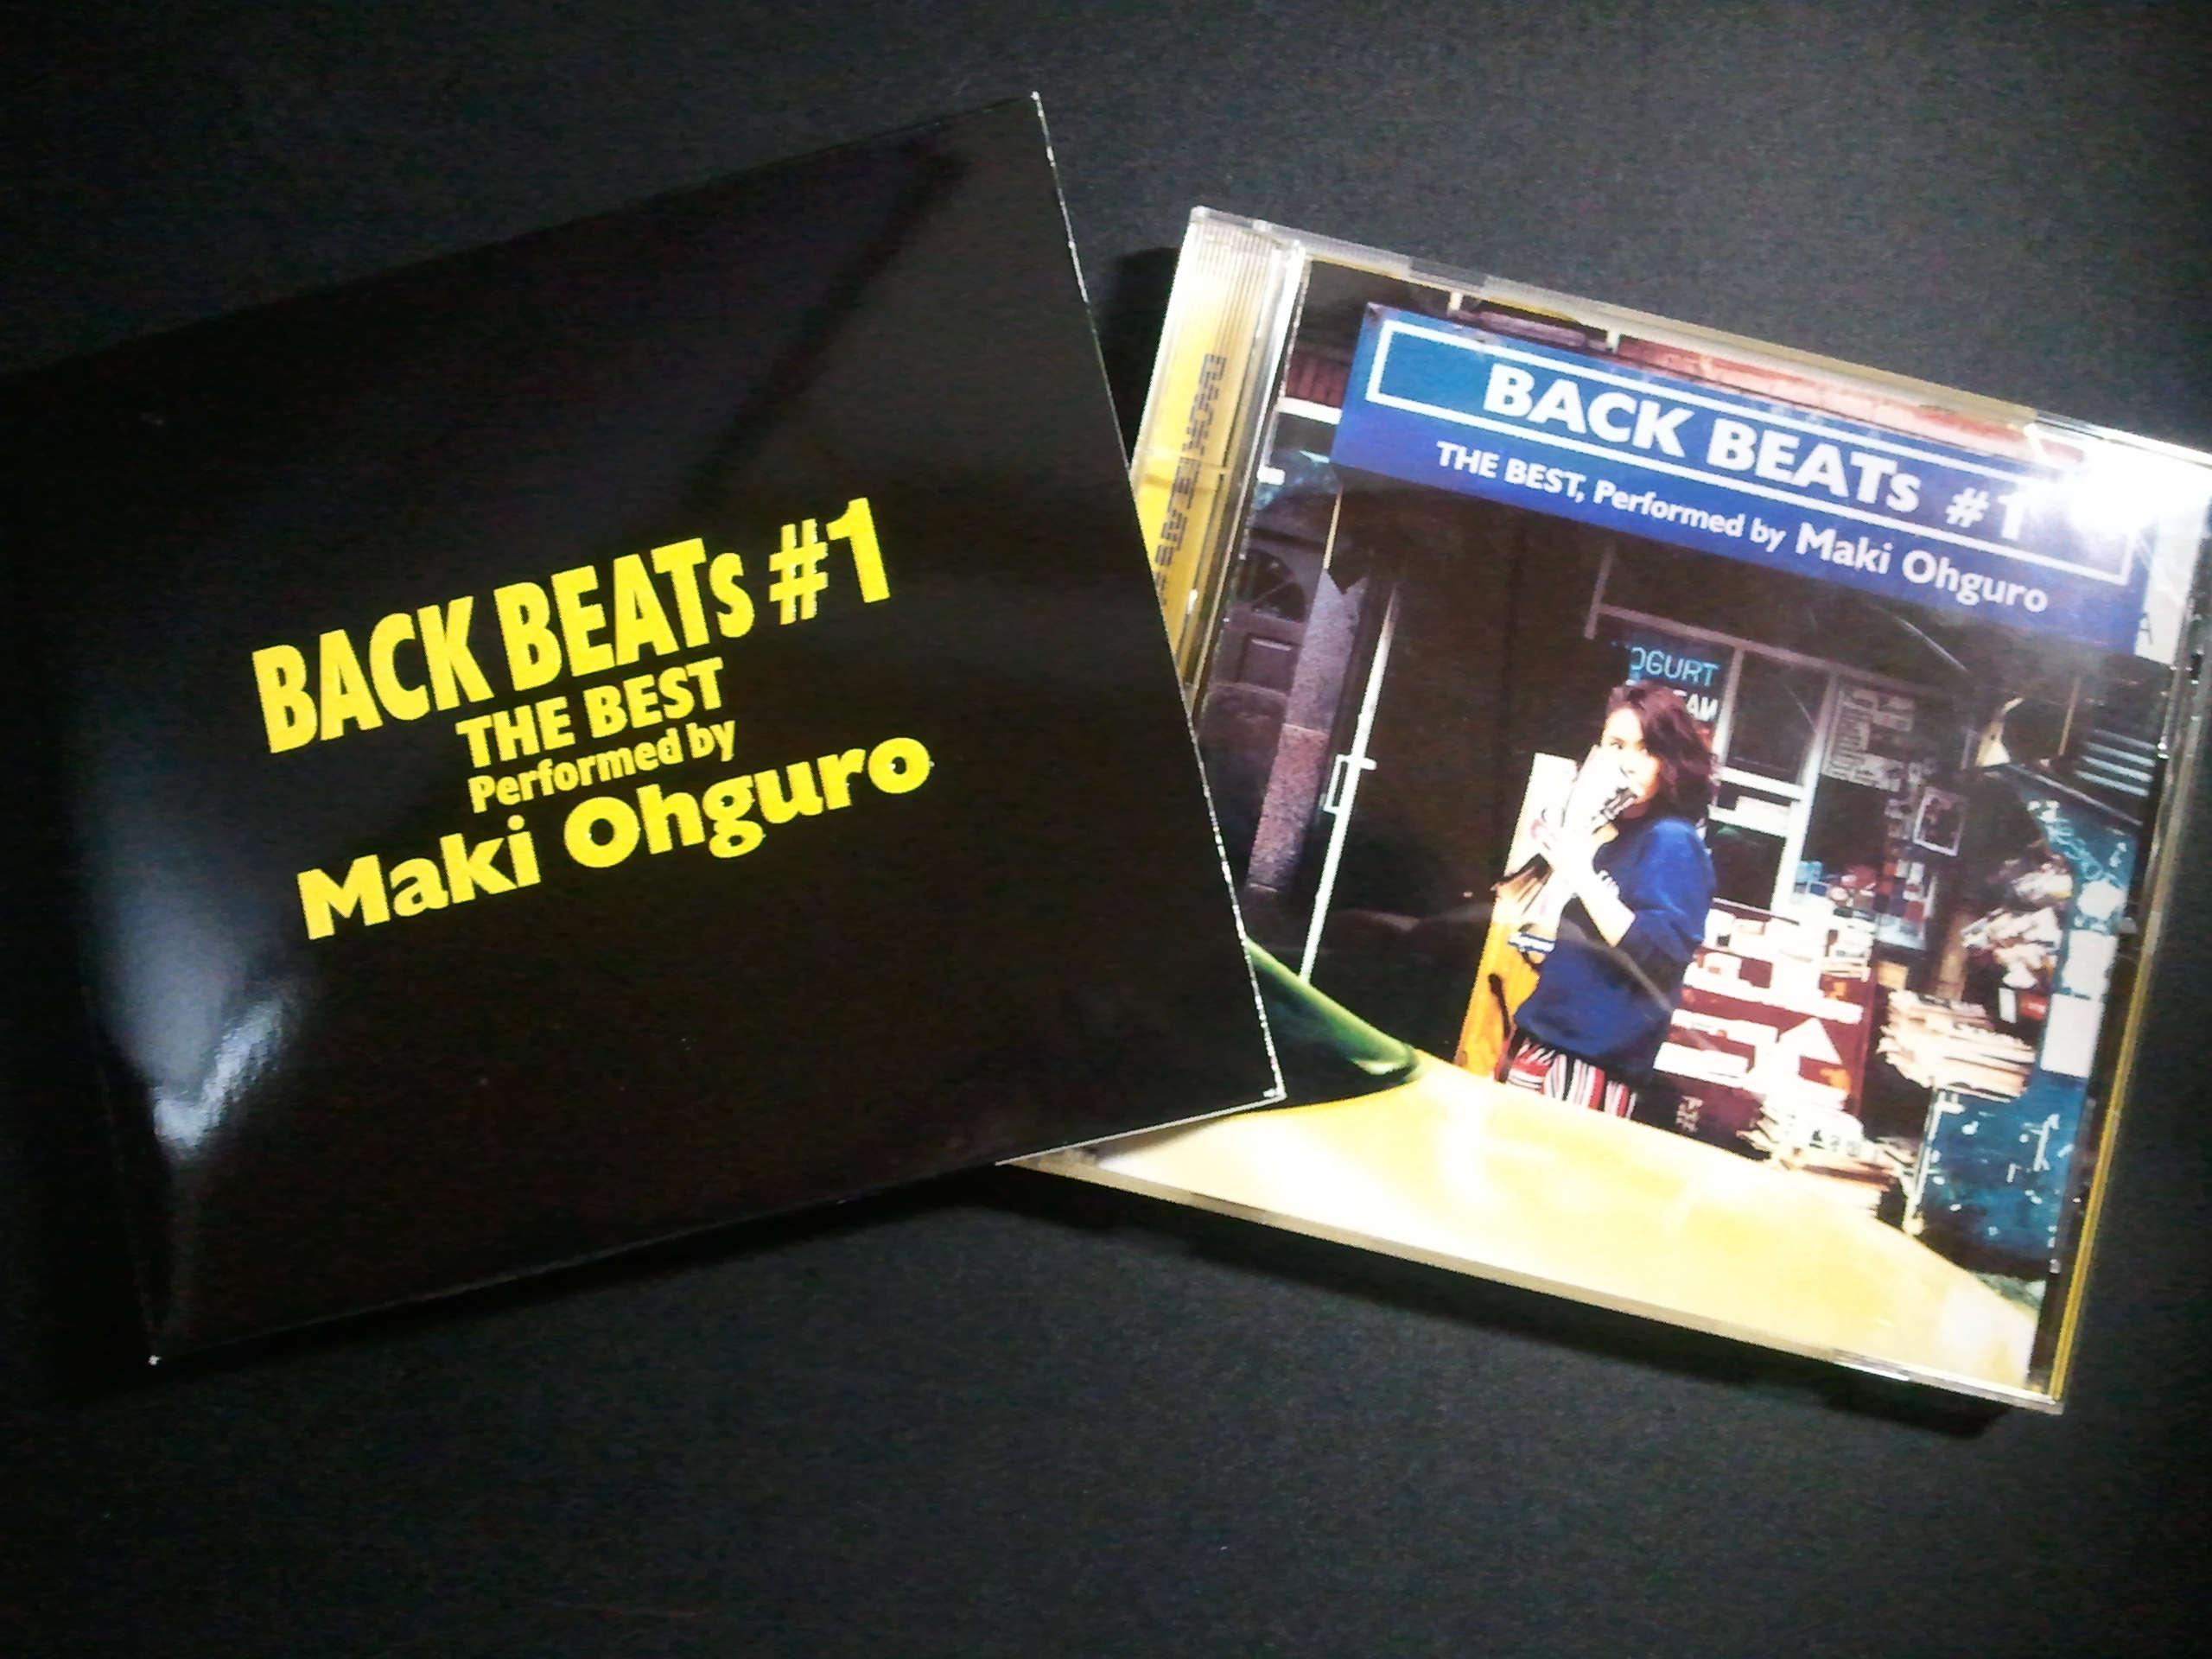 大黒摩季 Back Beats #1